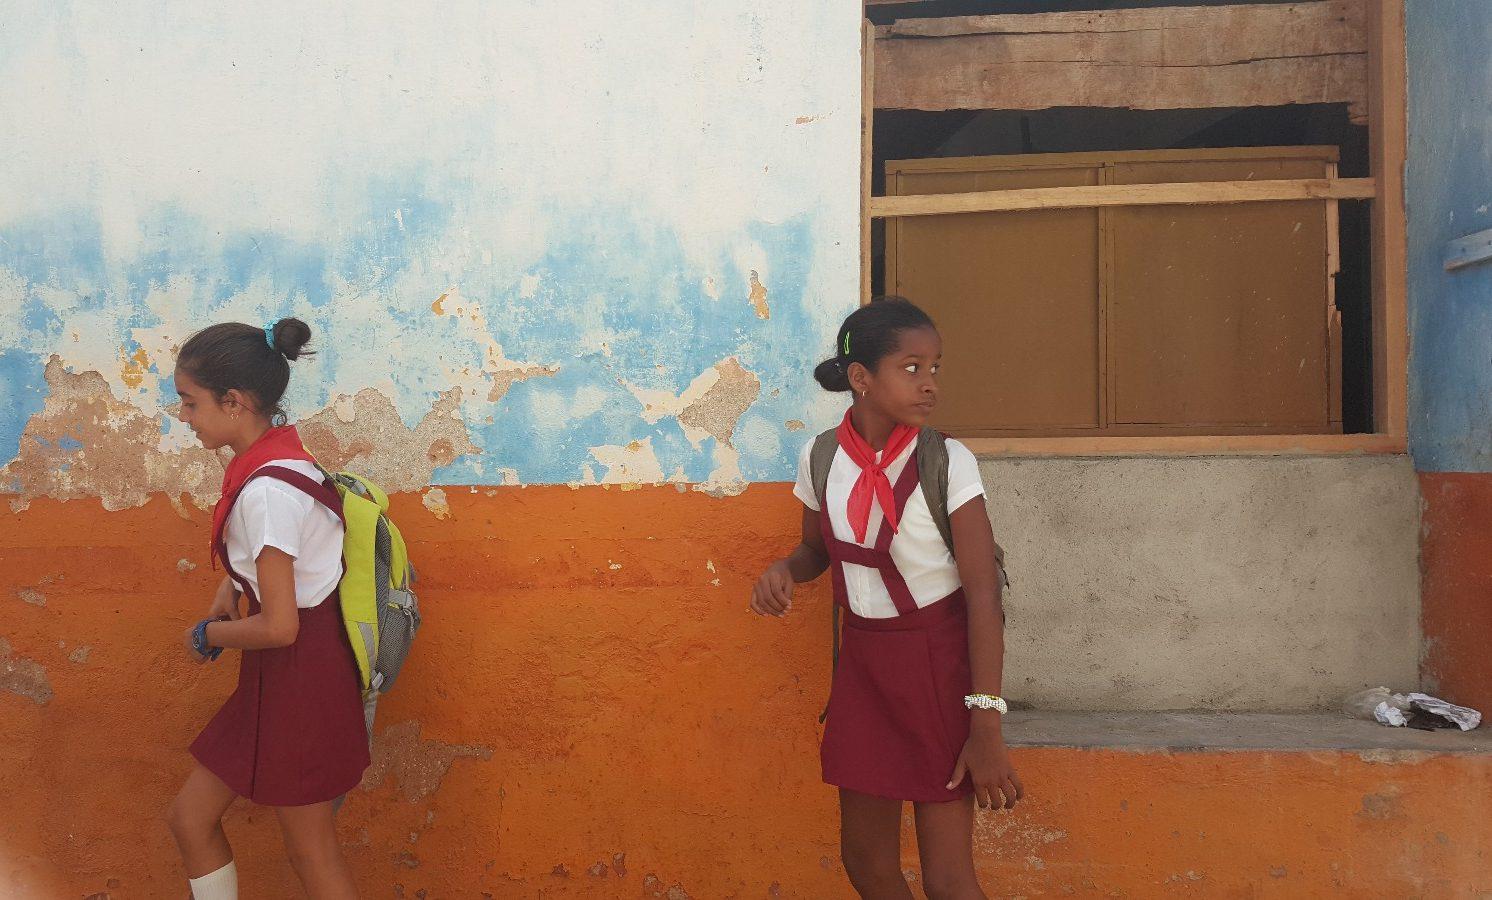 Kübada çocuklar komünizm yemini ediyorlar ve kırmızı fular takıyorlar